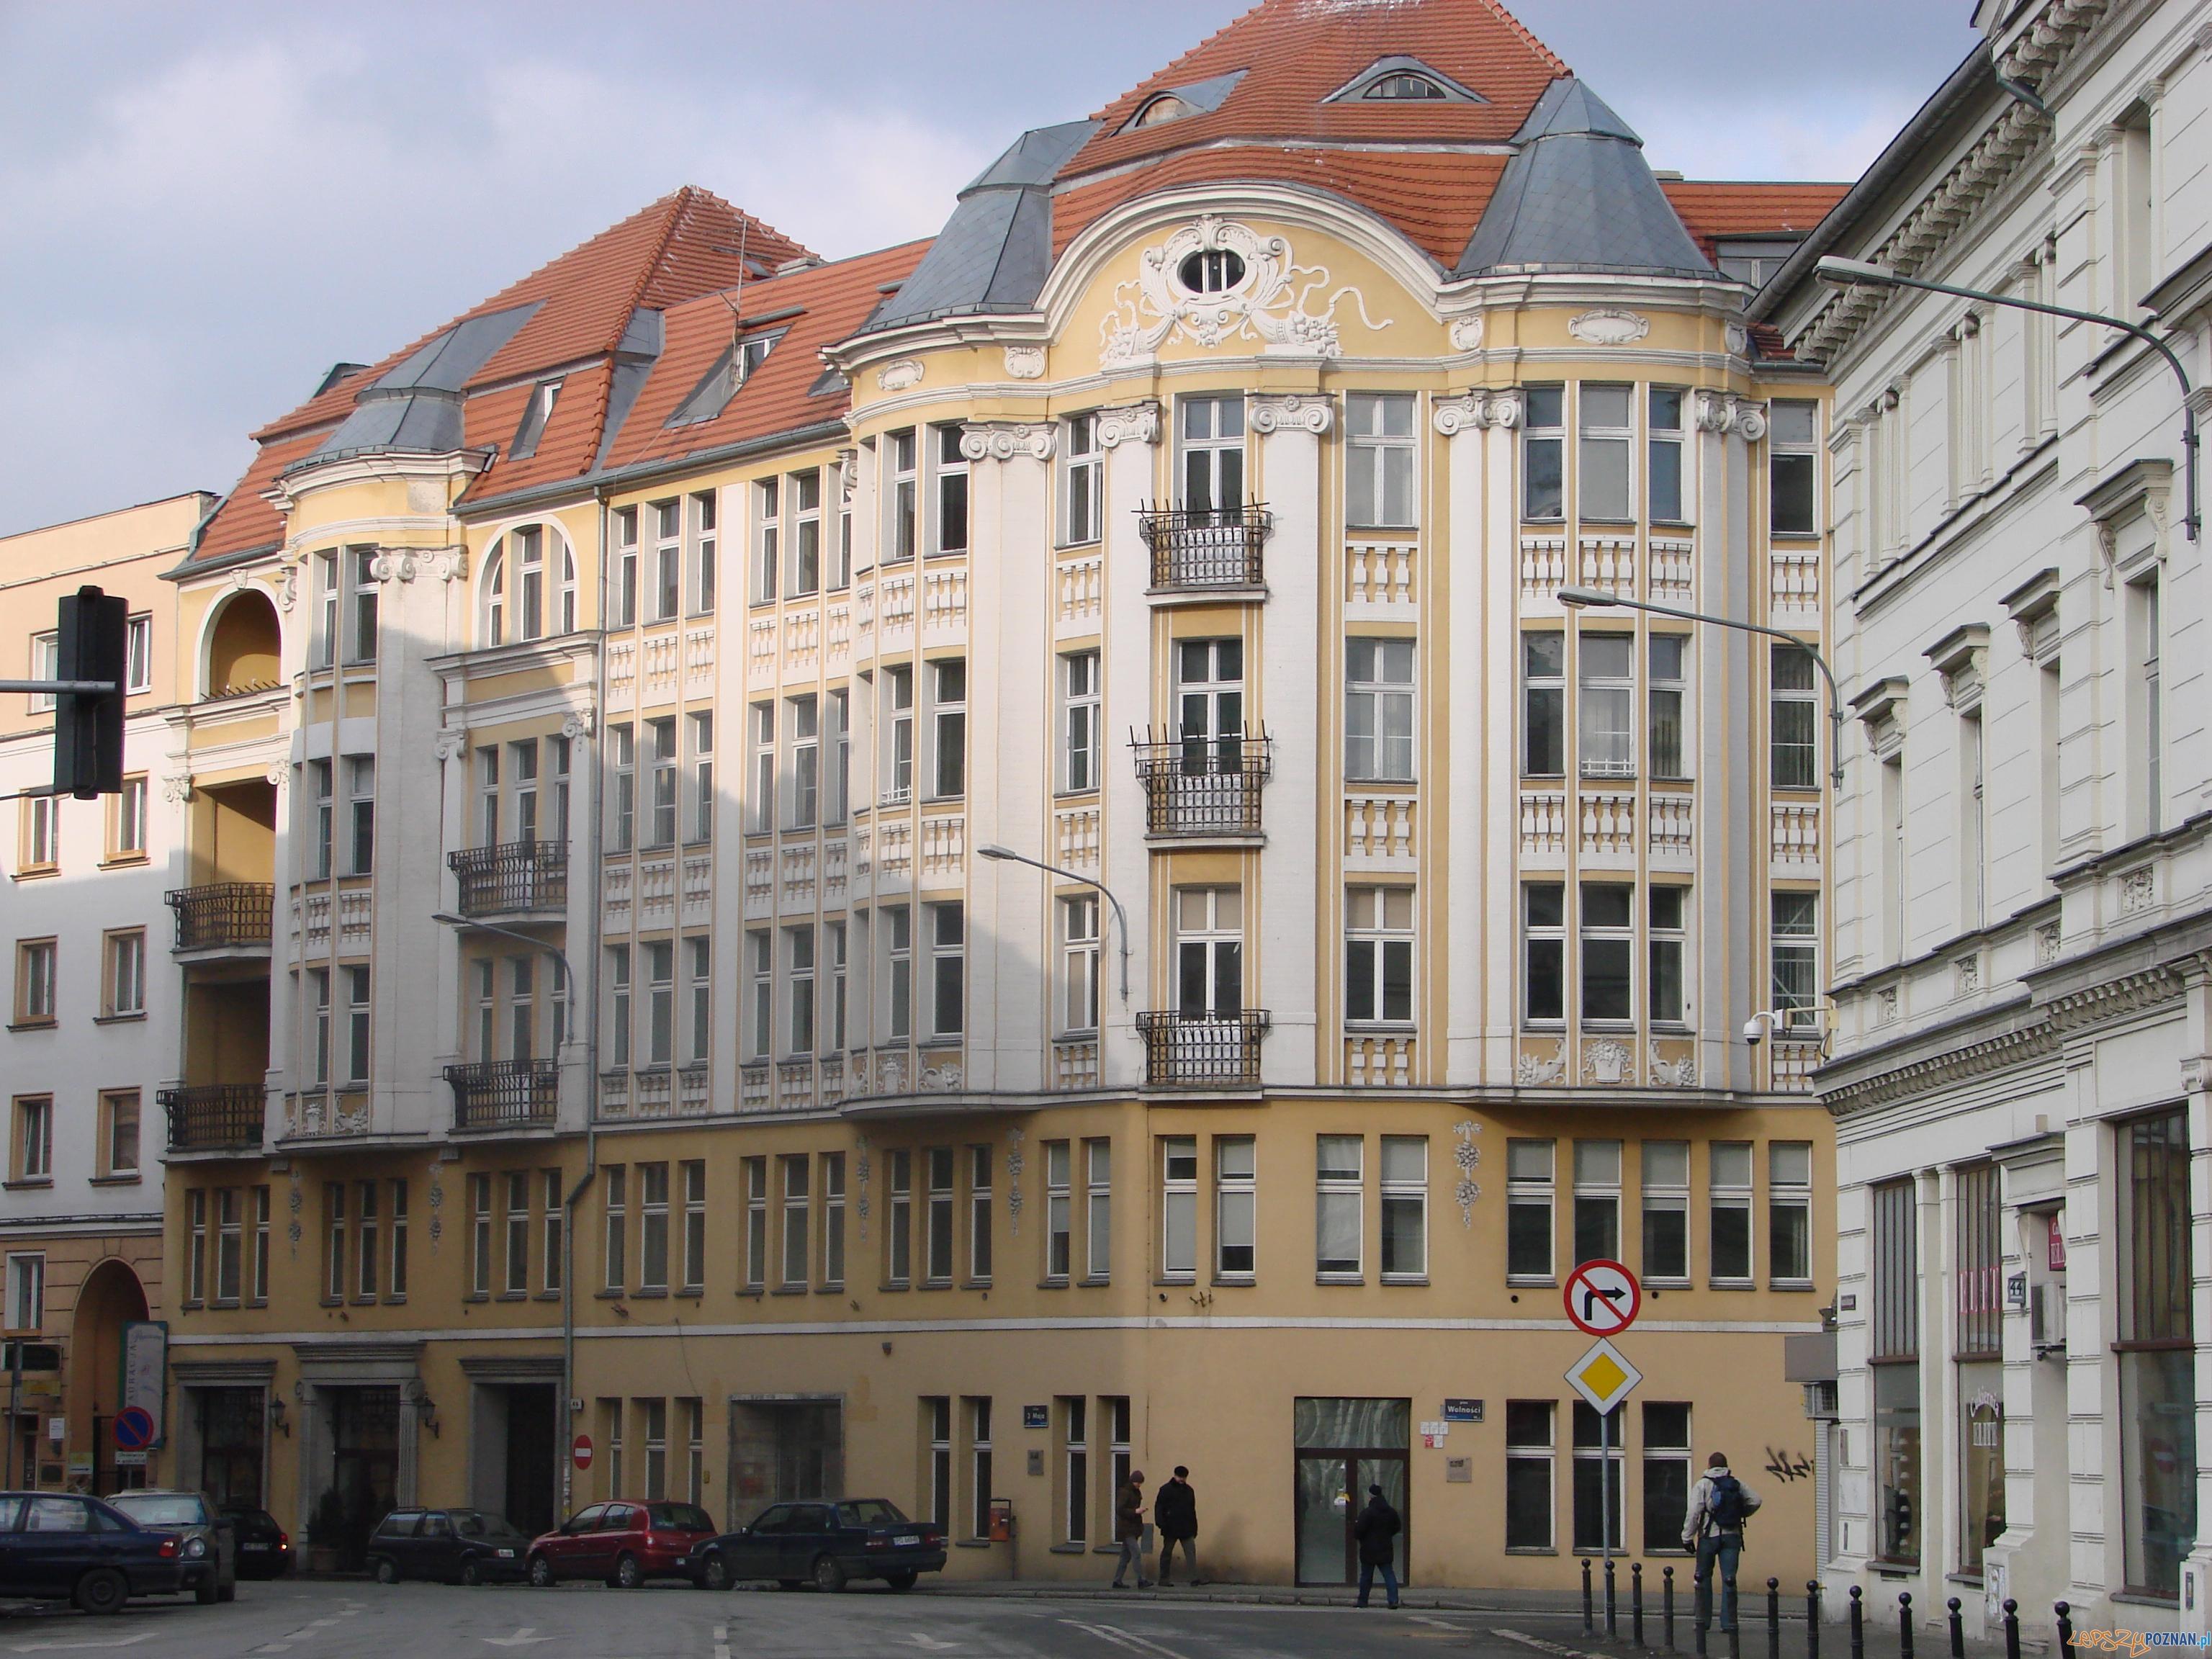 ulica 3 Maja w Poznaniu  Foto: lepszyPOZNAN.pl / ag